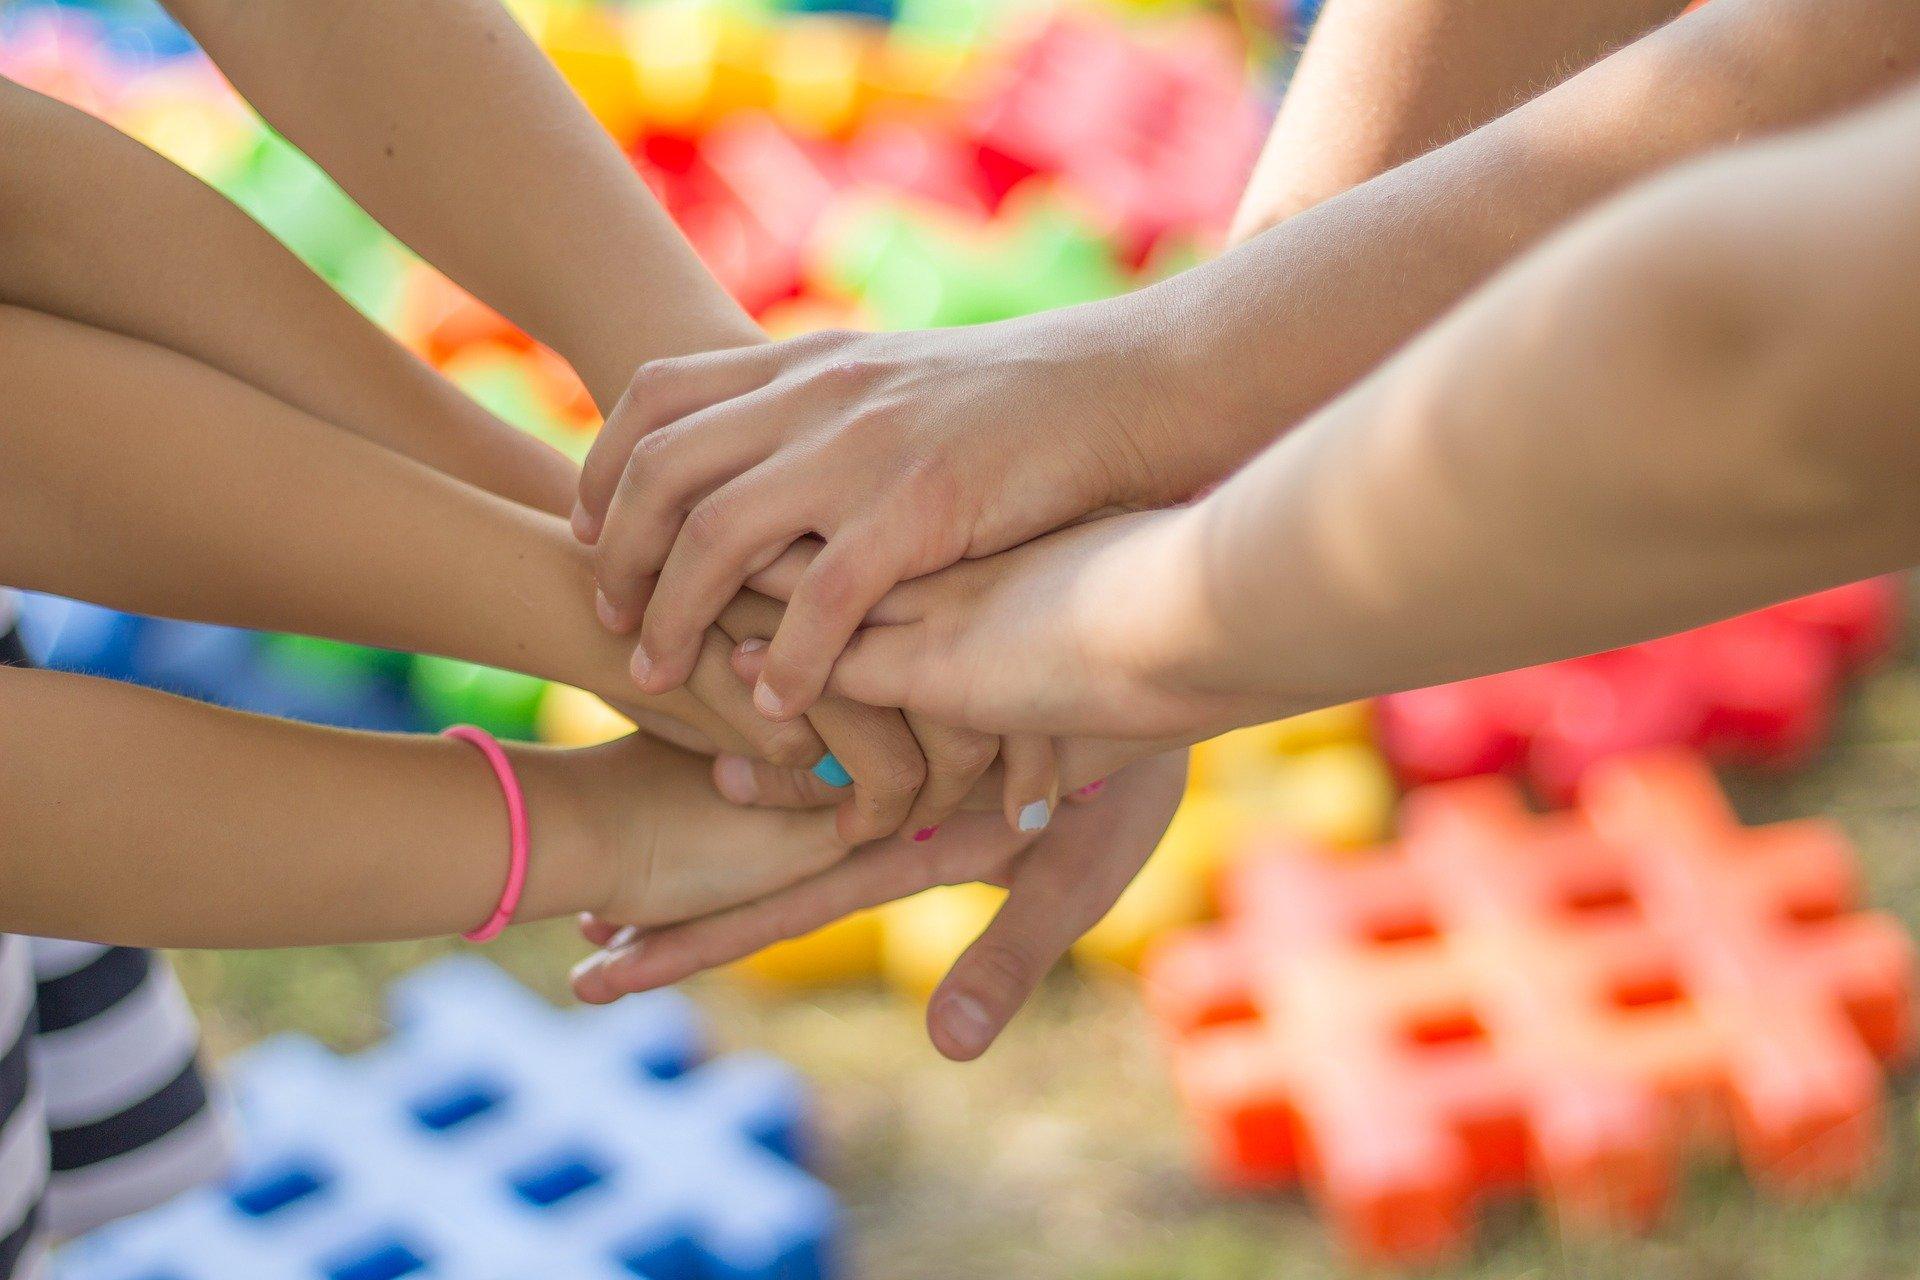 Das Bild zeigt Hände von vielen Personen, die aufeinanderliegen und zusammenhalten.